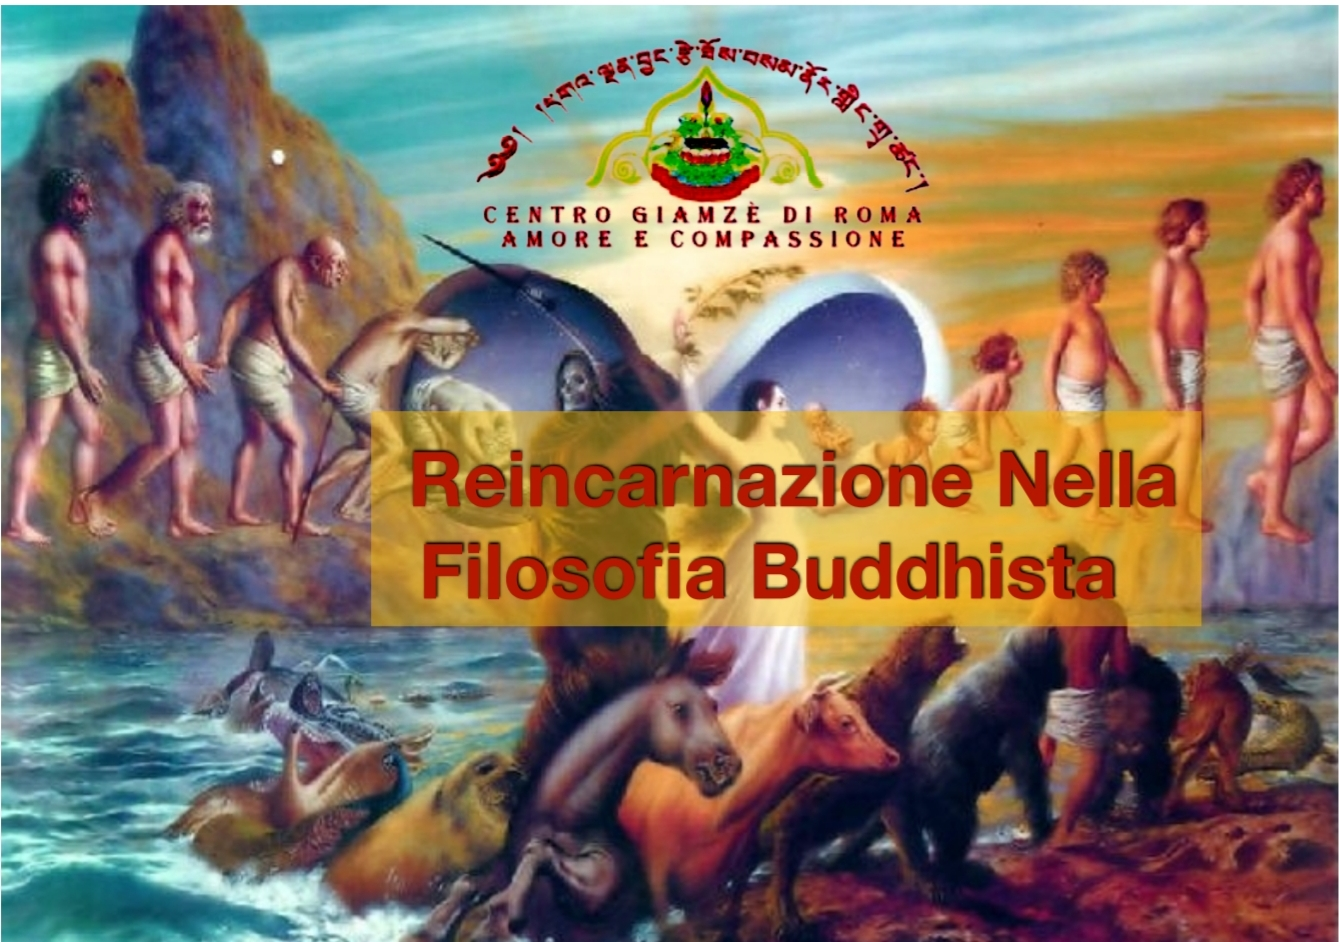 Reincarnazione Nella Filosofia Buddhista